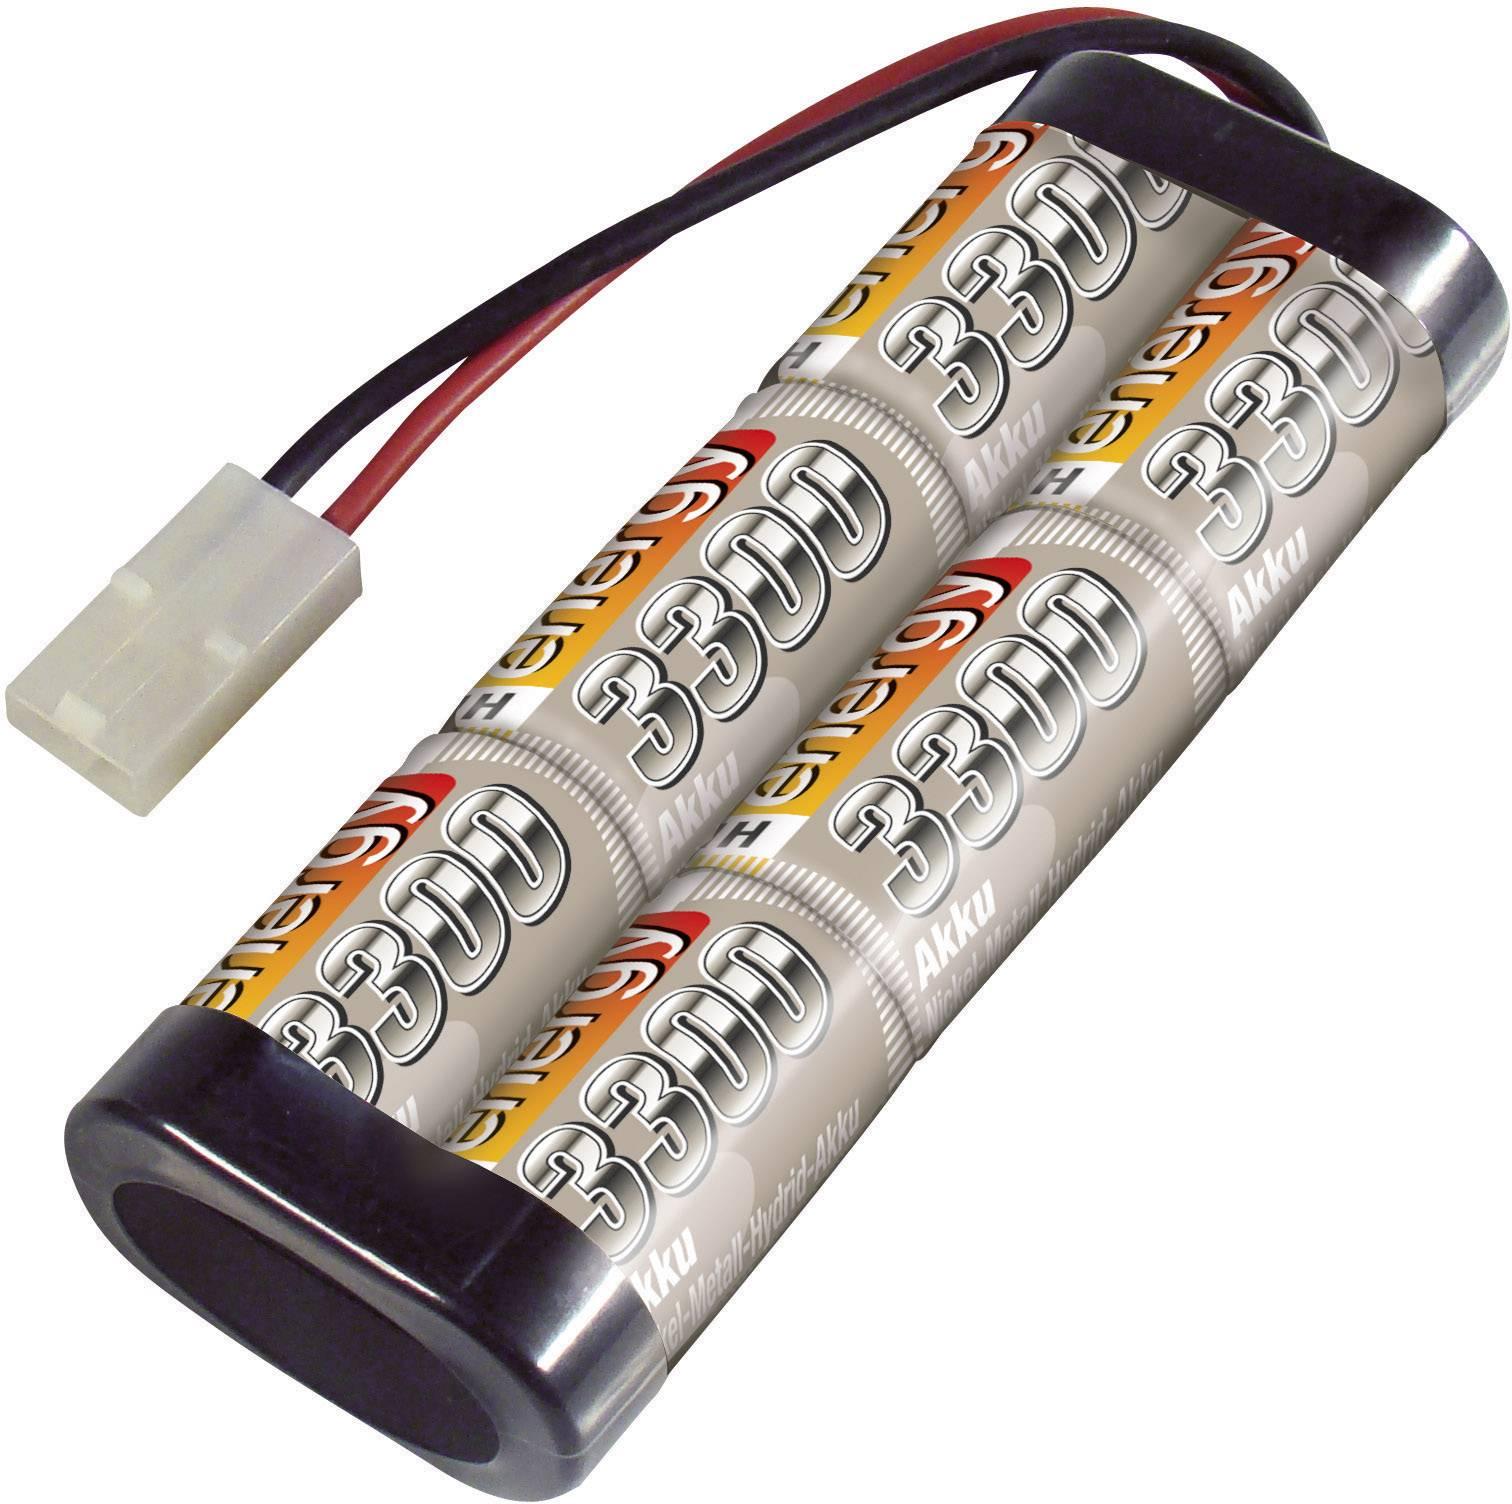 Akupack NiMH Conrad energy 206029, 7.2 V, 3300 mAh